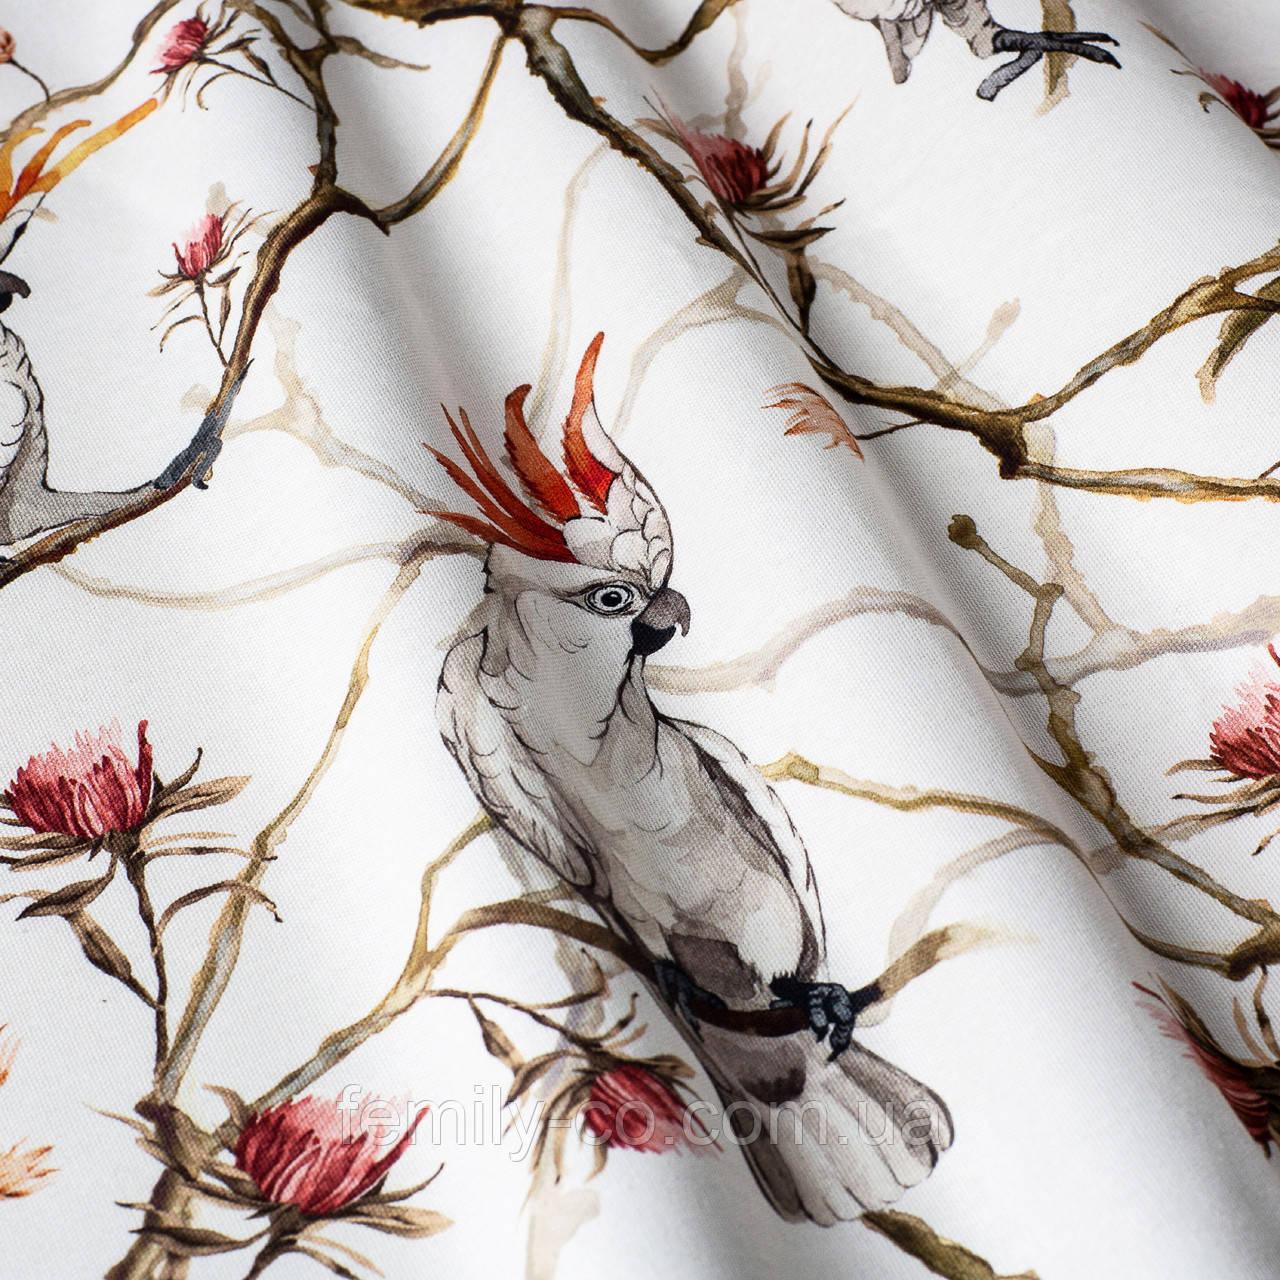 Декоративная ткань с крупными белыми попугаями на веточках 84304v1